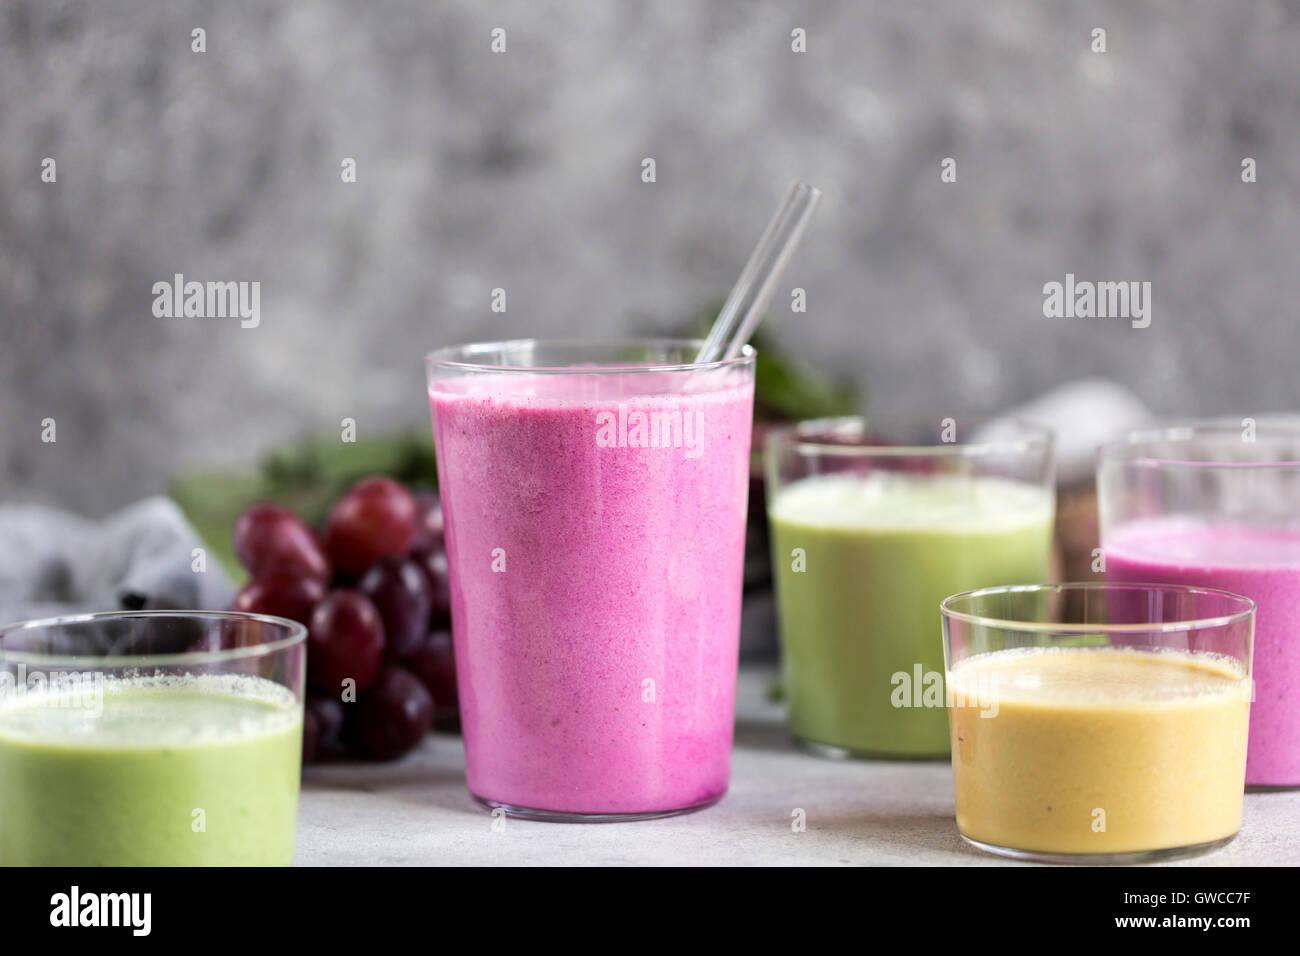 Mehrere Gläser mehrfarbig Rüben Smoothies werden aus der Vorderansicht fotografiert. Stockbild